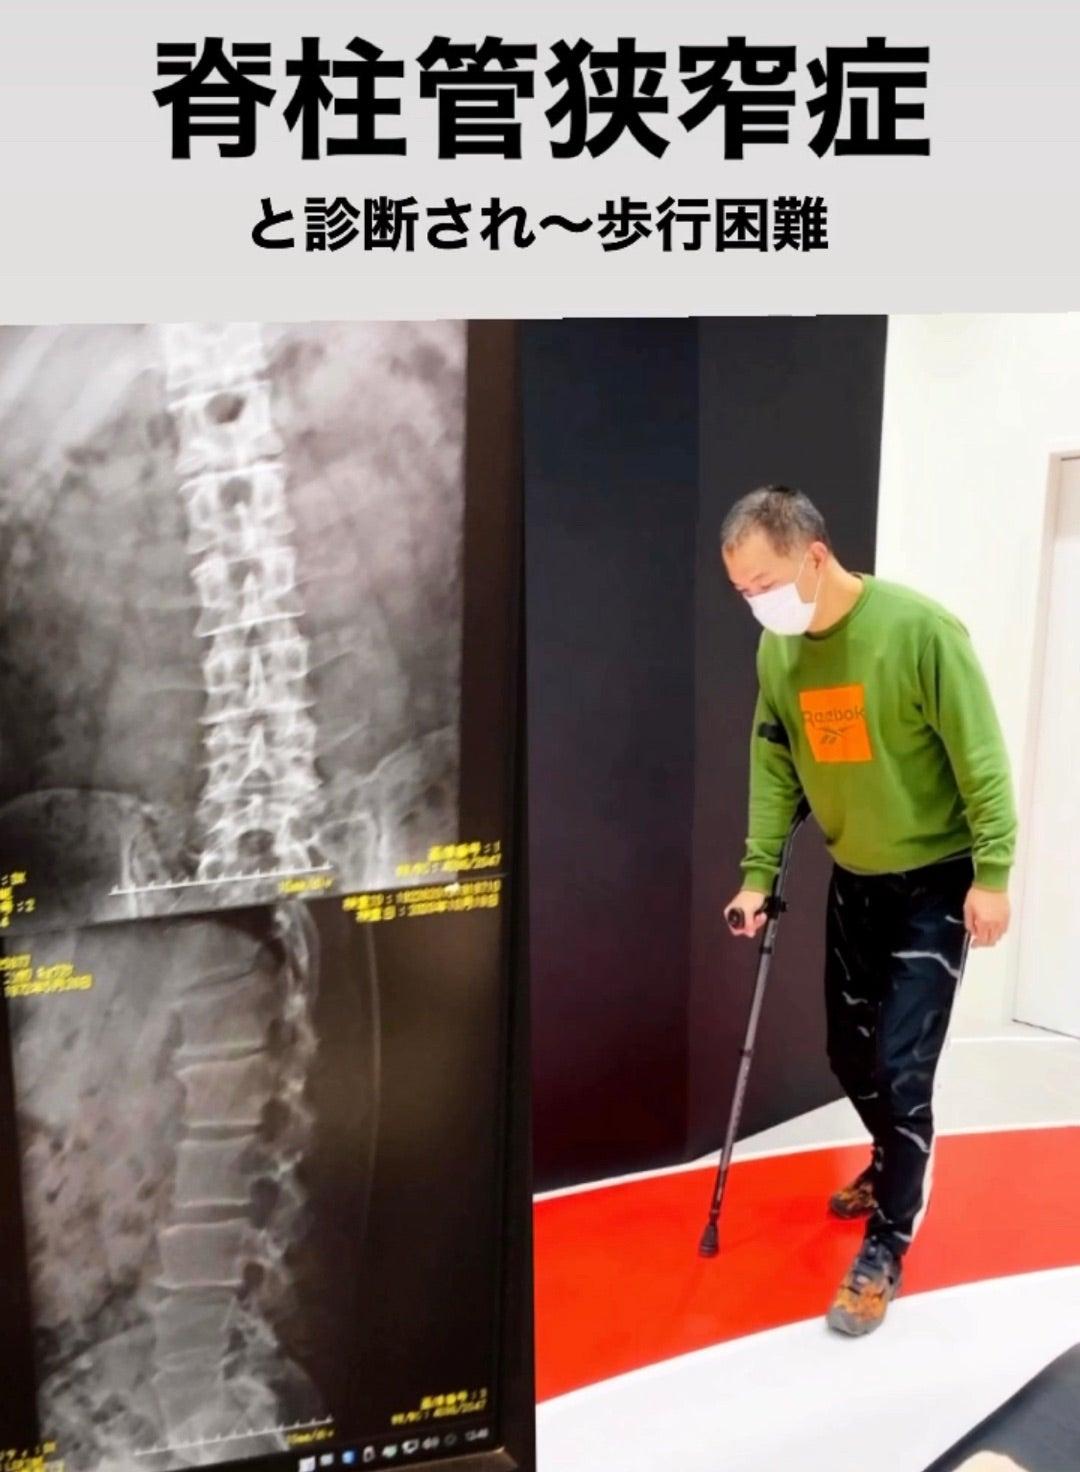 ストレッチ 動画 症 管 狭窄 脊柱